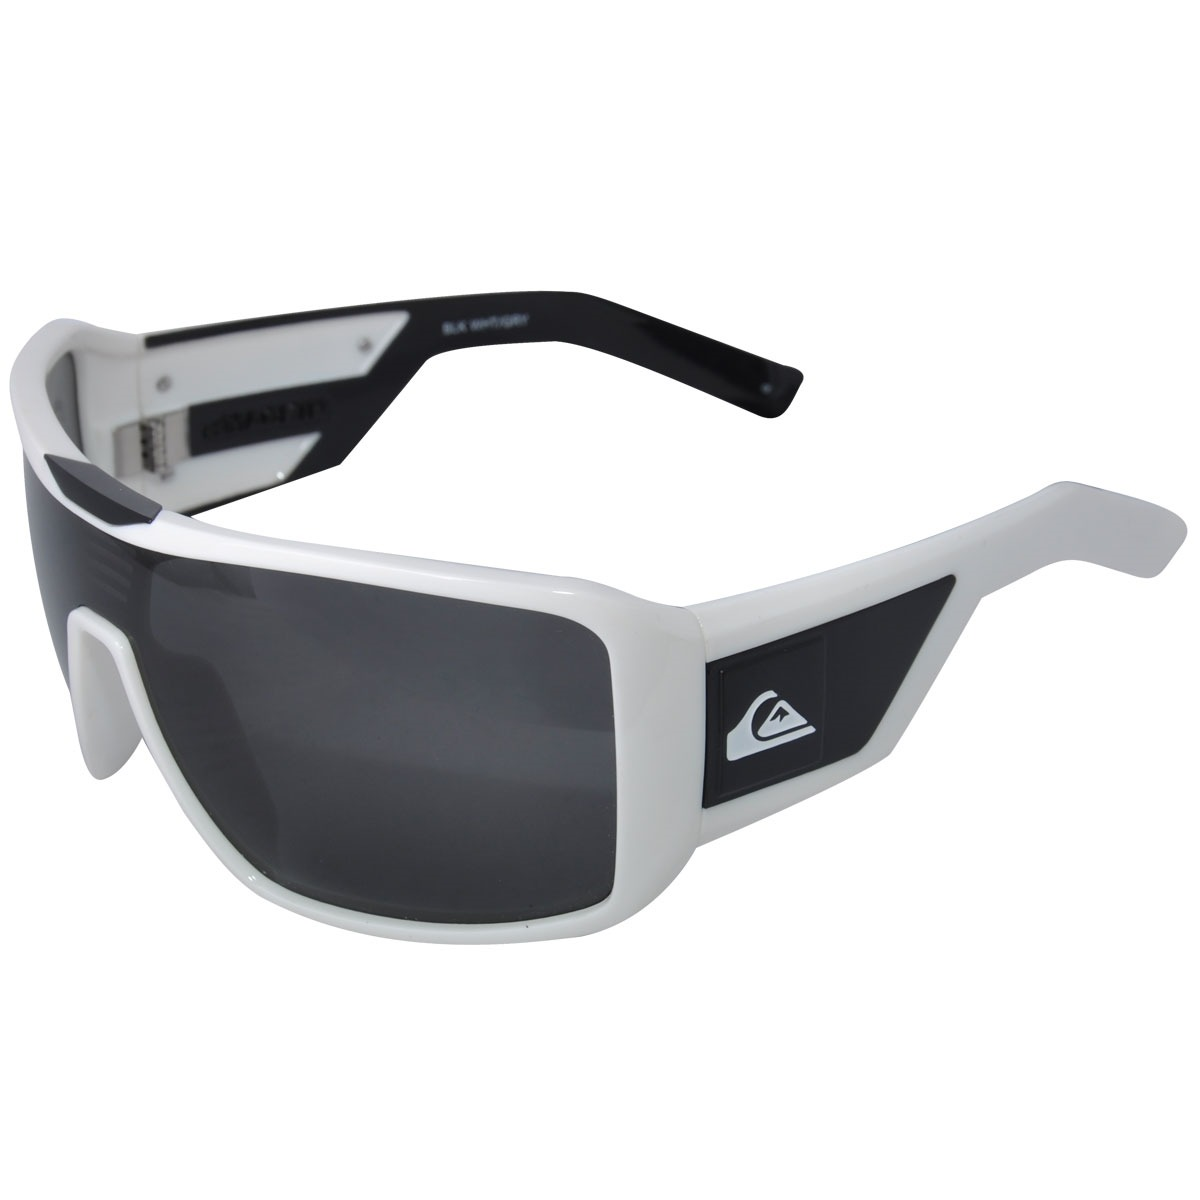 Óculos Quiksilver Mackin - Cut Wave - R  159,90 em Mercado Livre ea6888ad74